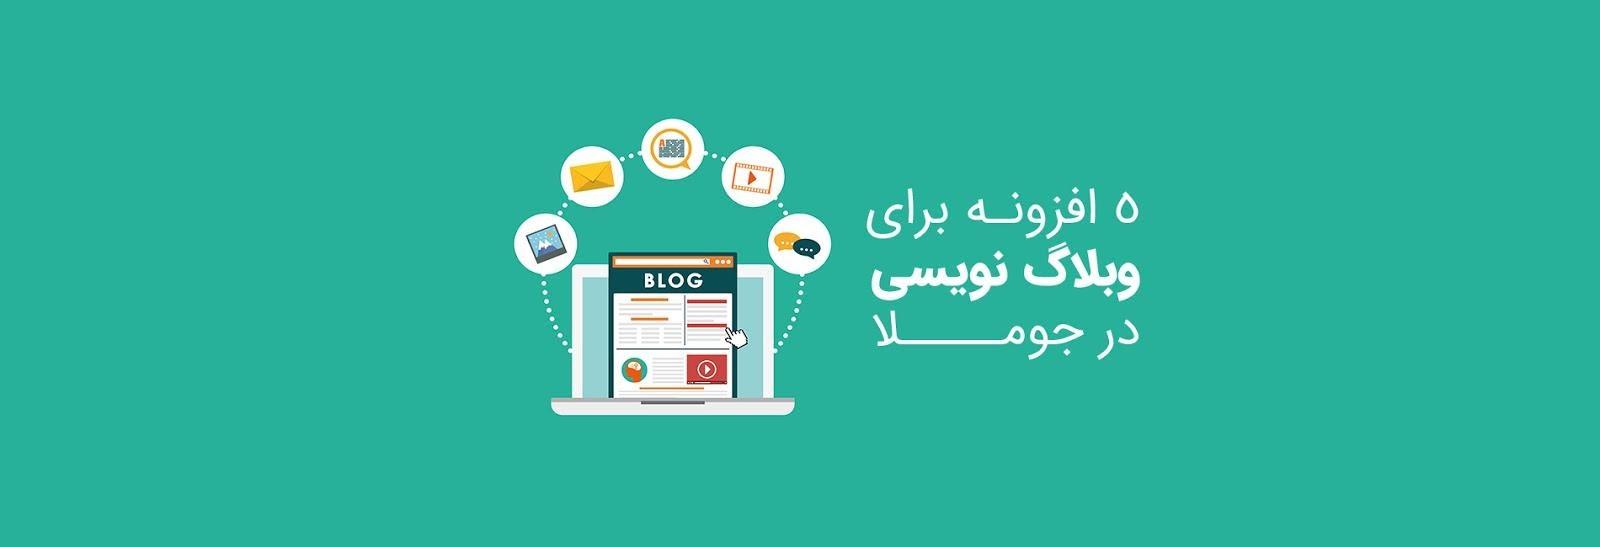 معرفی بهترین افزونه های وبلاگ نویسی برای جوملا